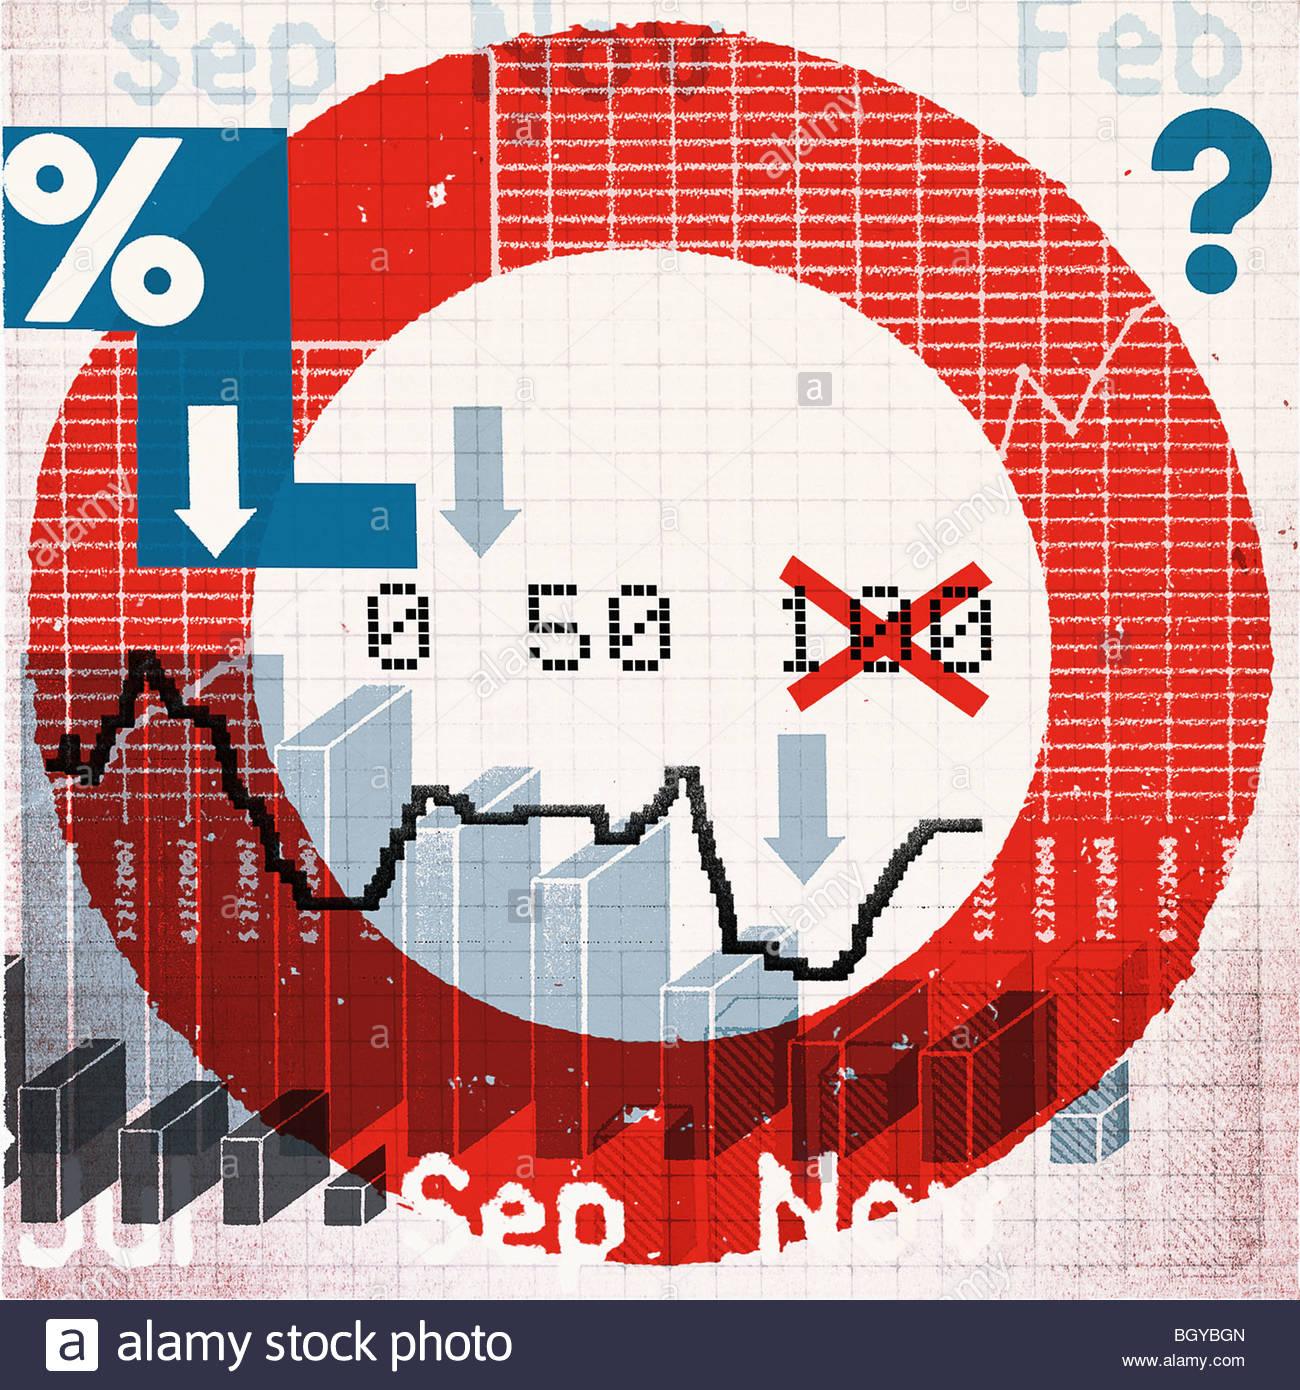 Montage de symboles et données financières Photo Stock